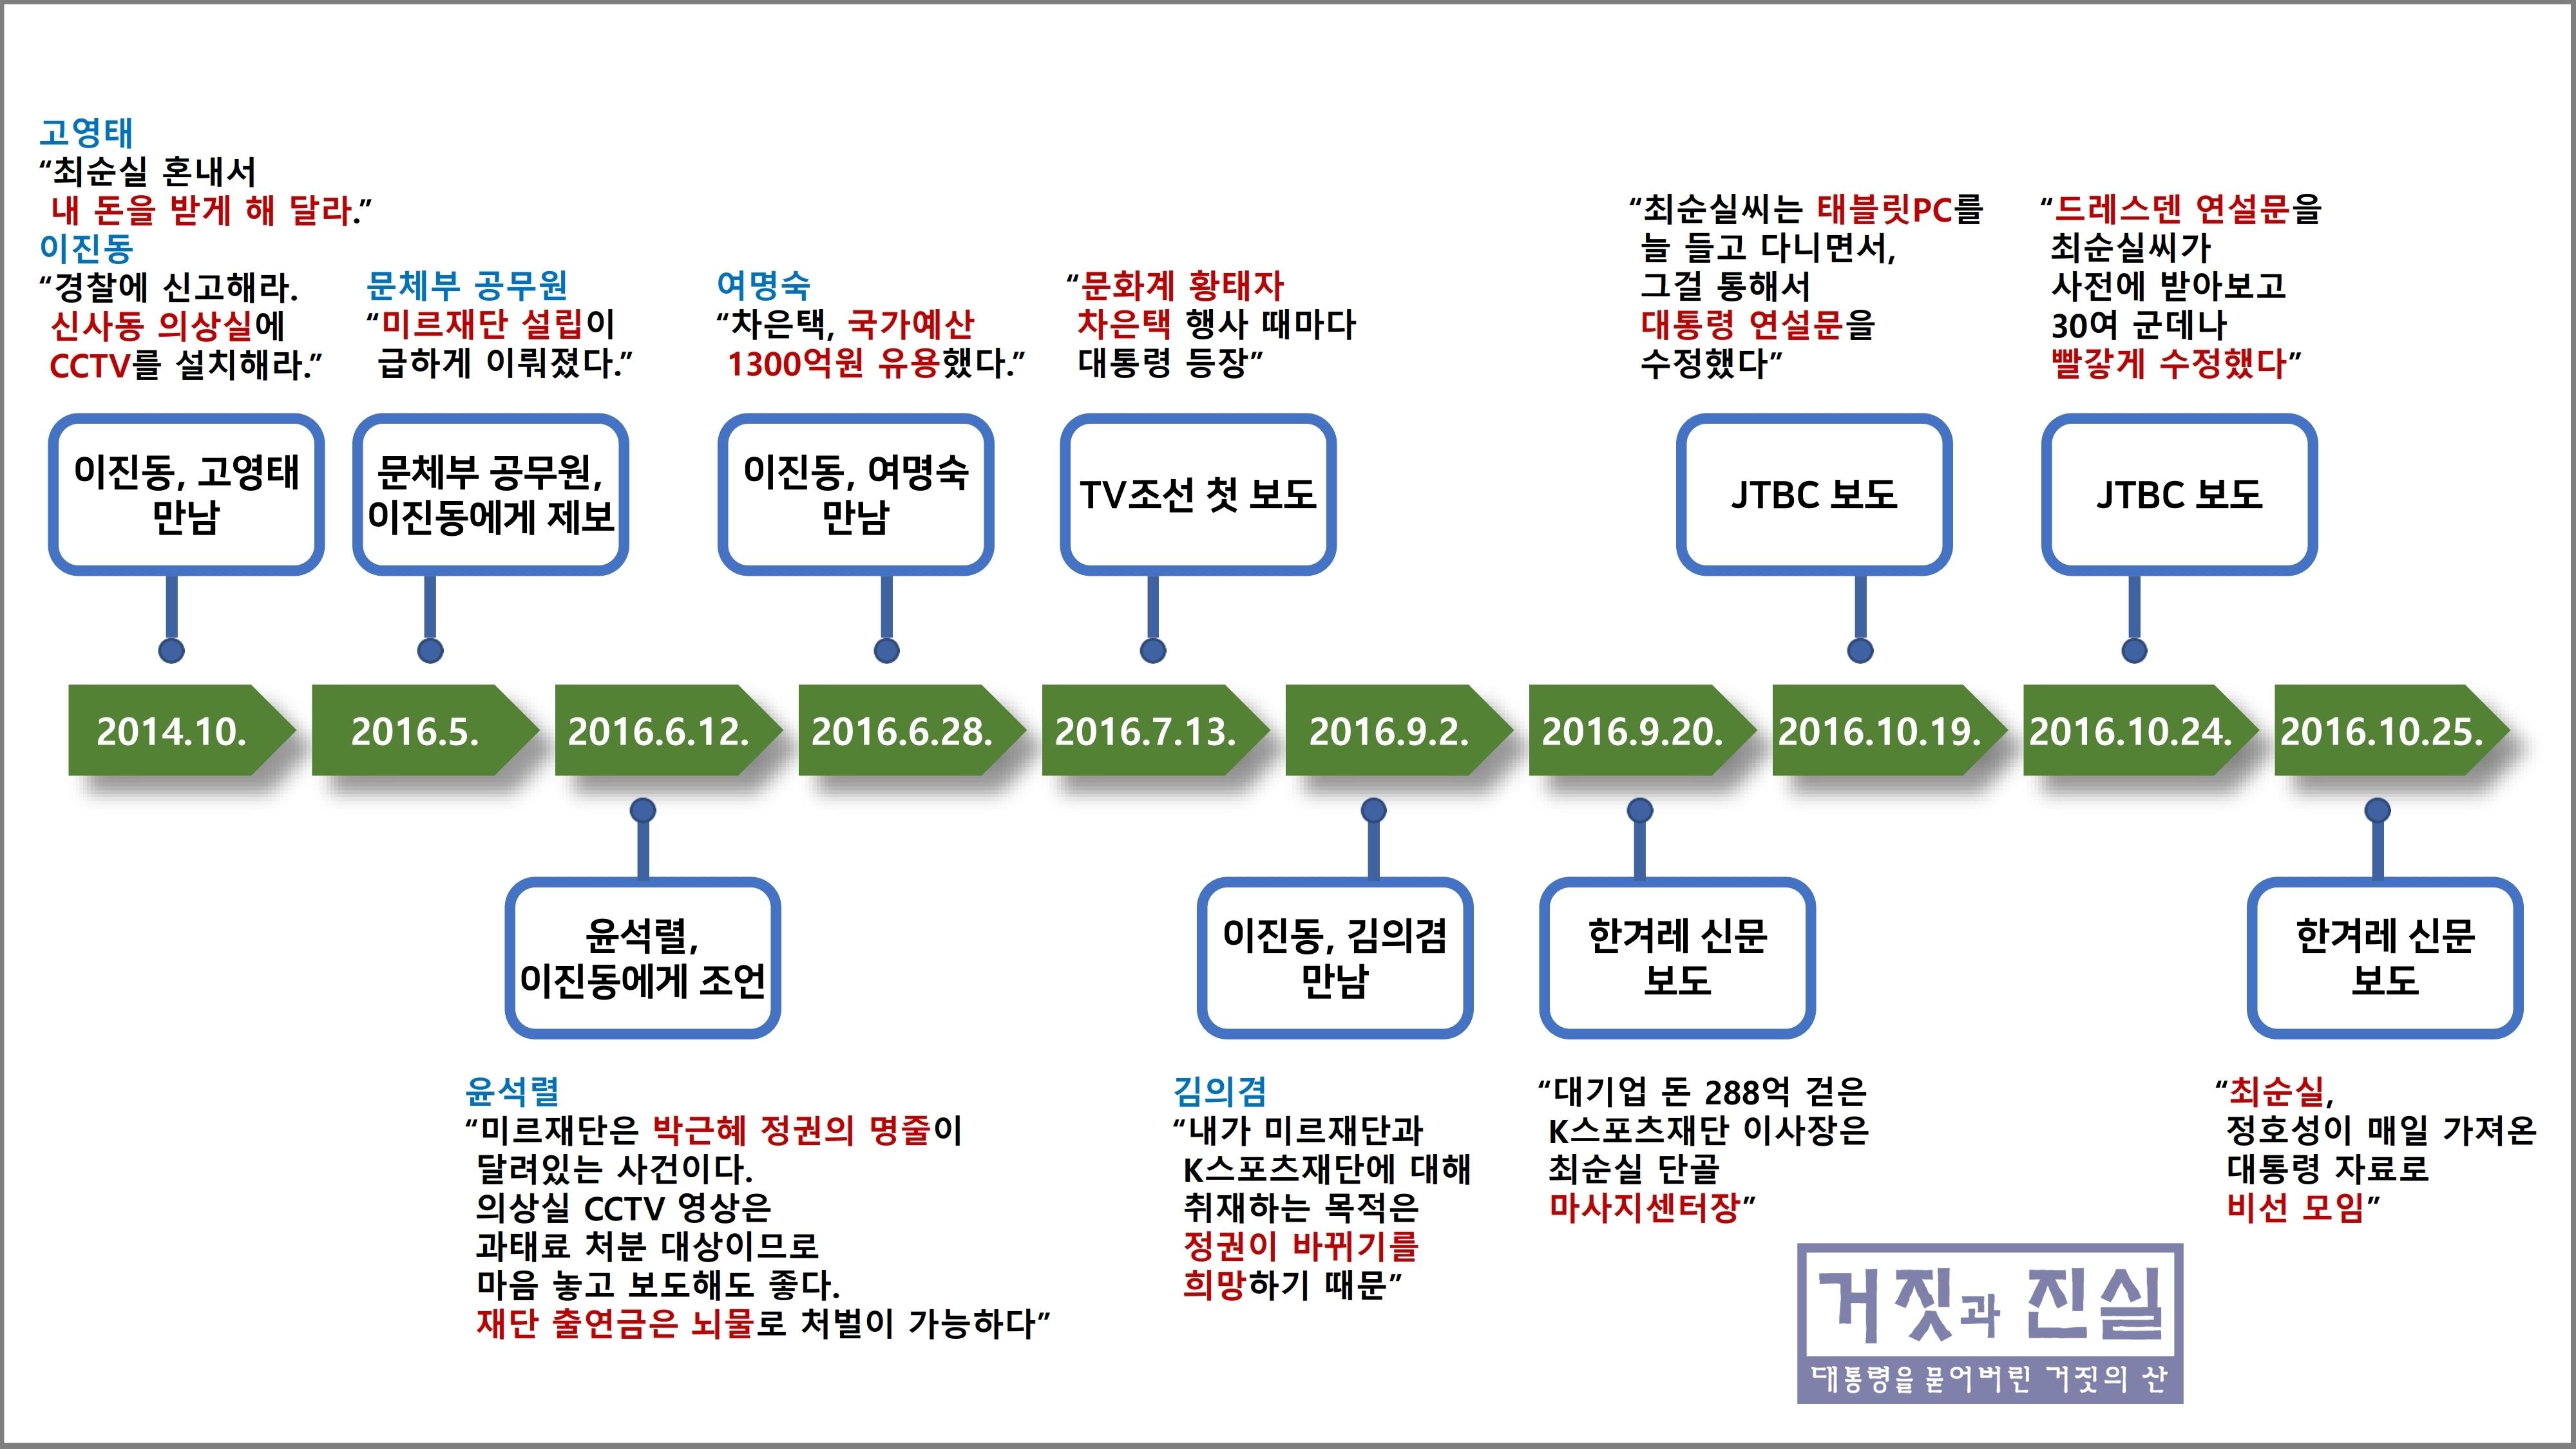 박근혜 대통령 사건-사건의 발단 타임라인.jpg